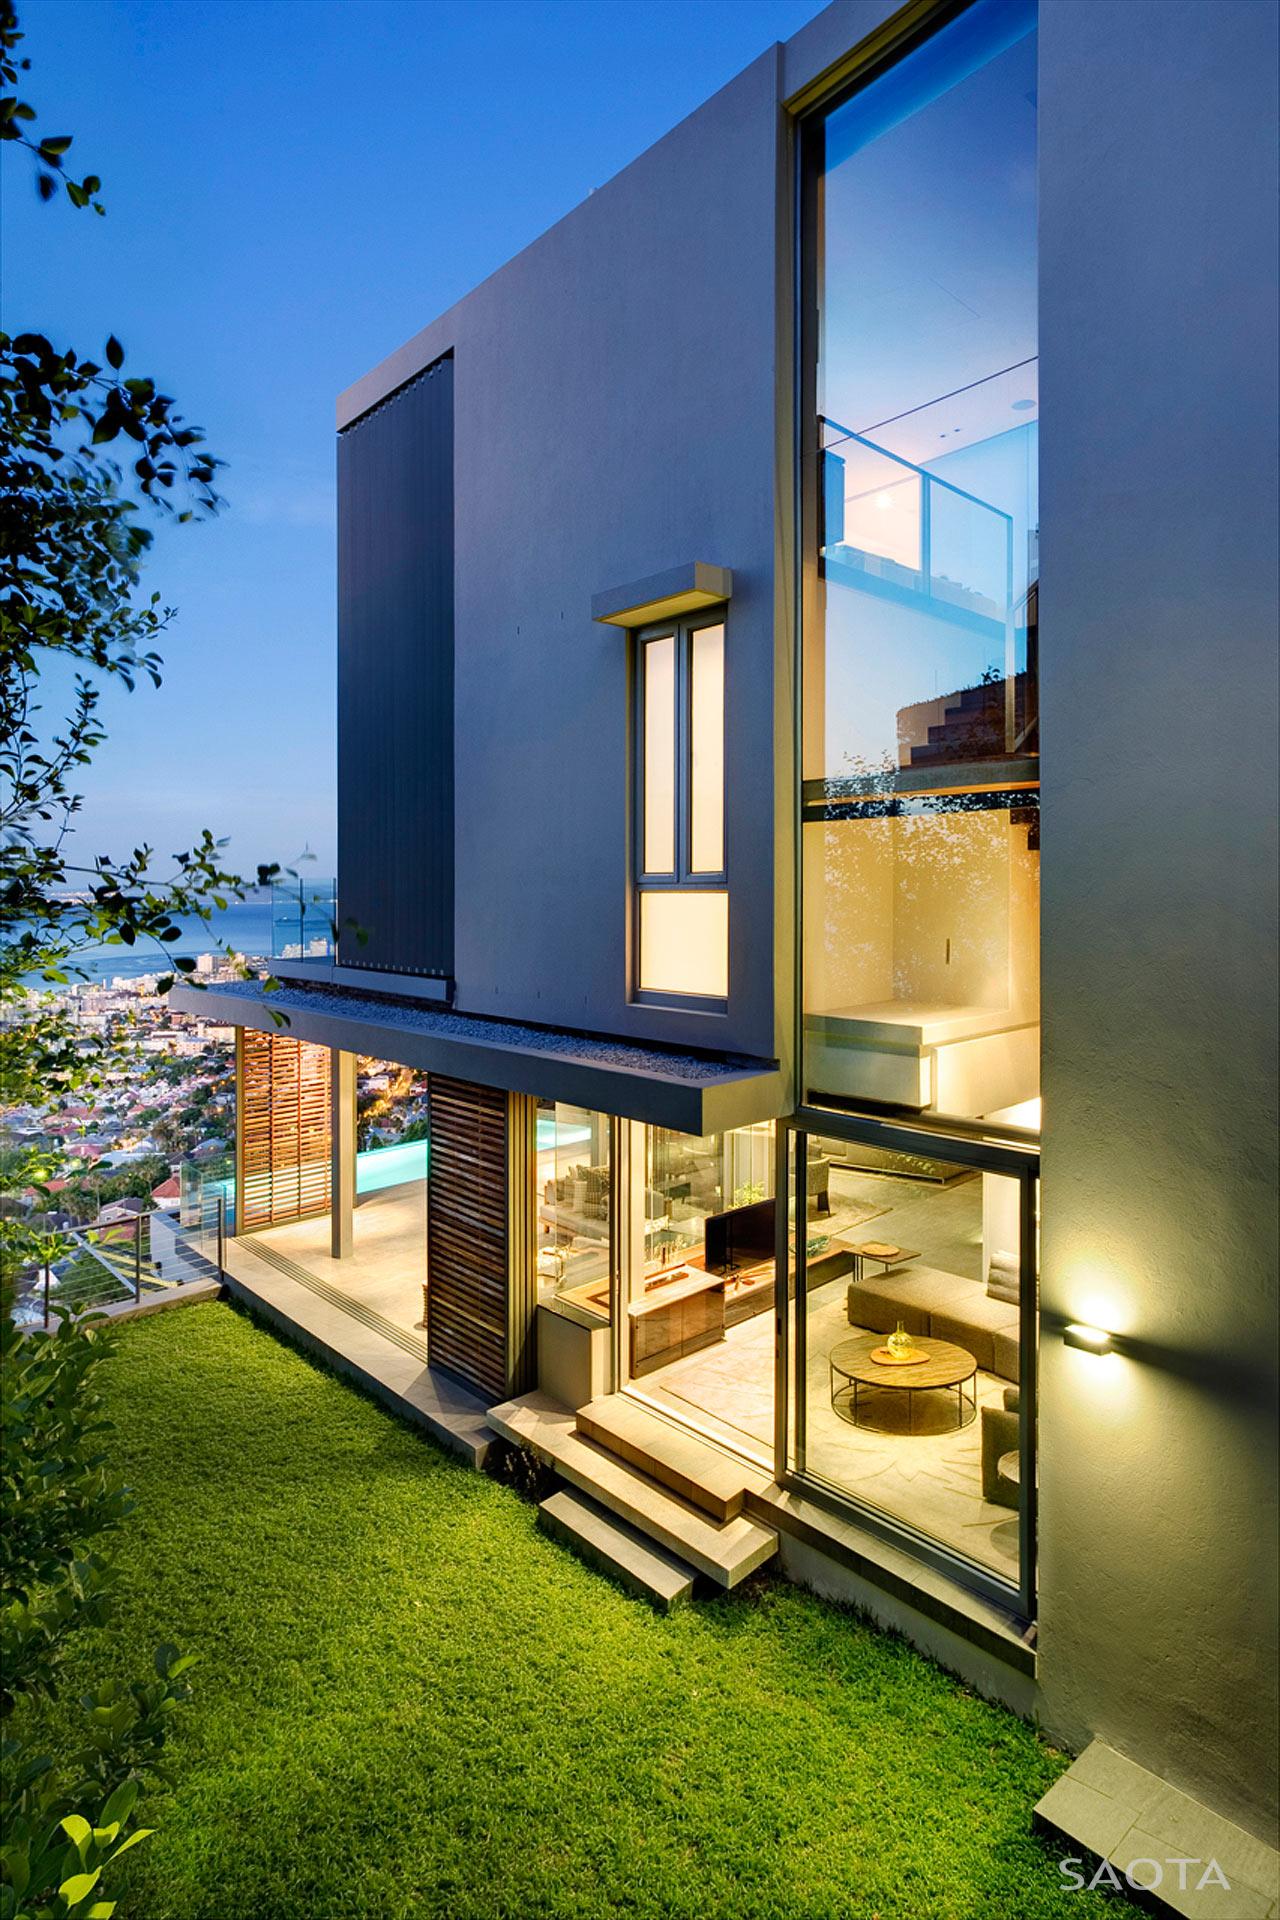 SAOTA-H1816-House-18-Garden